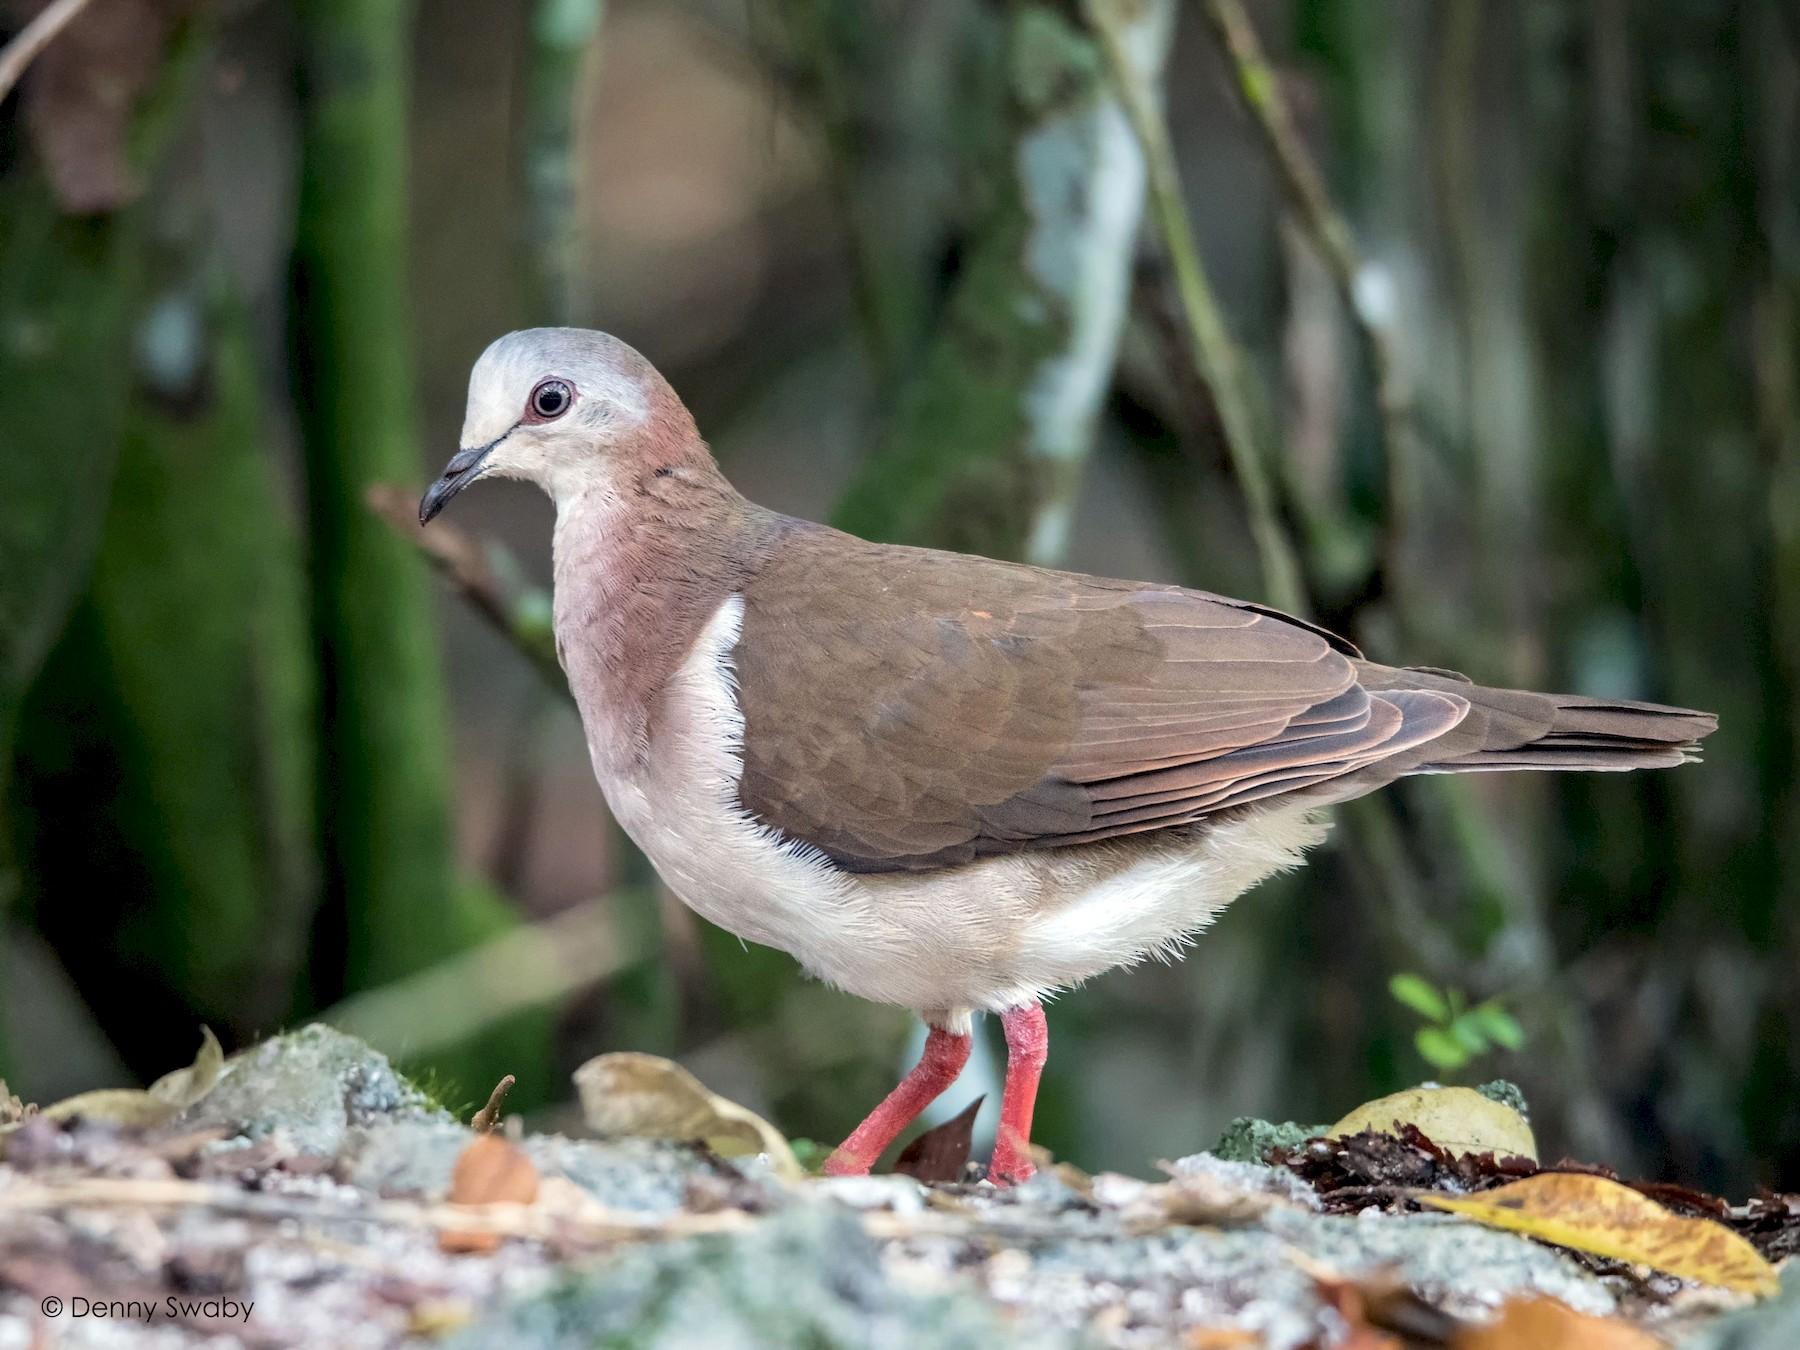 Caribbean Dove - Denny Swaby